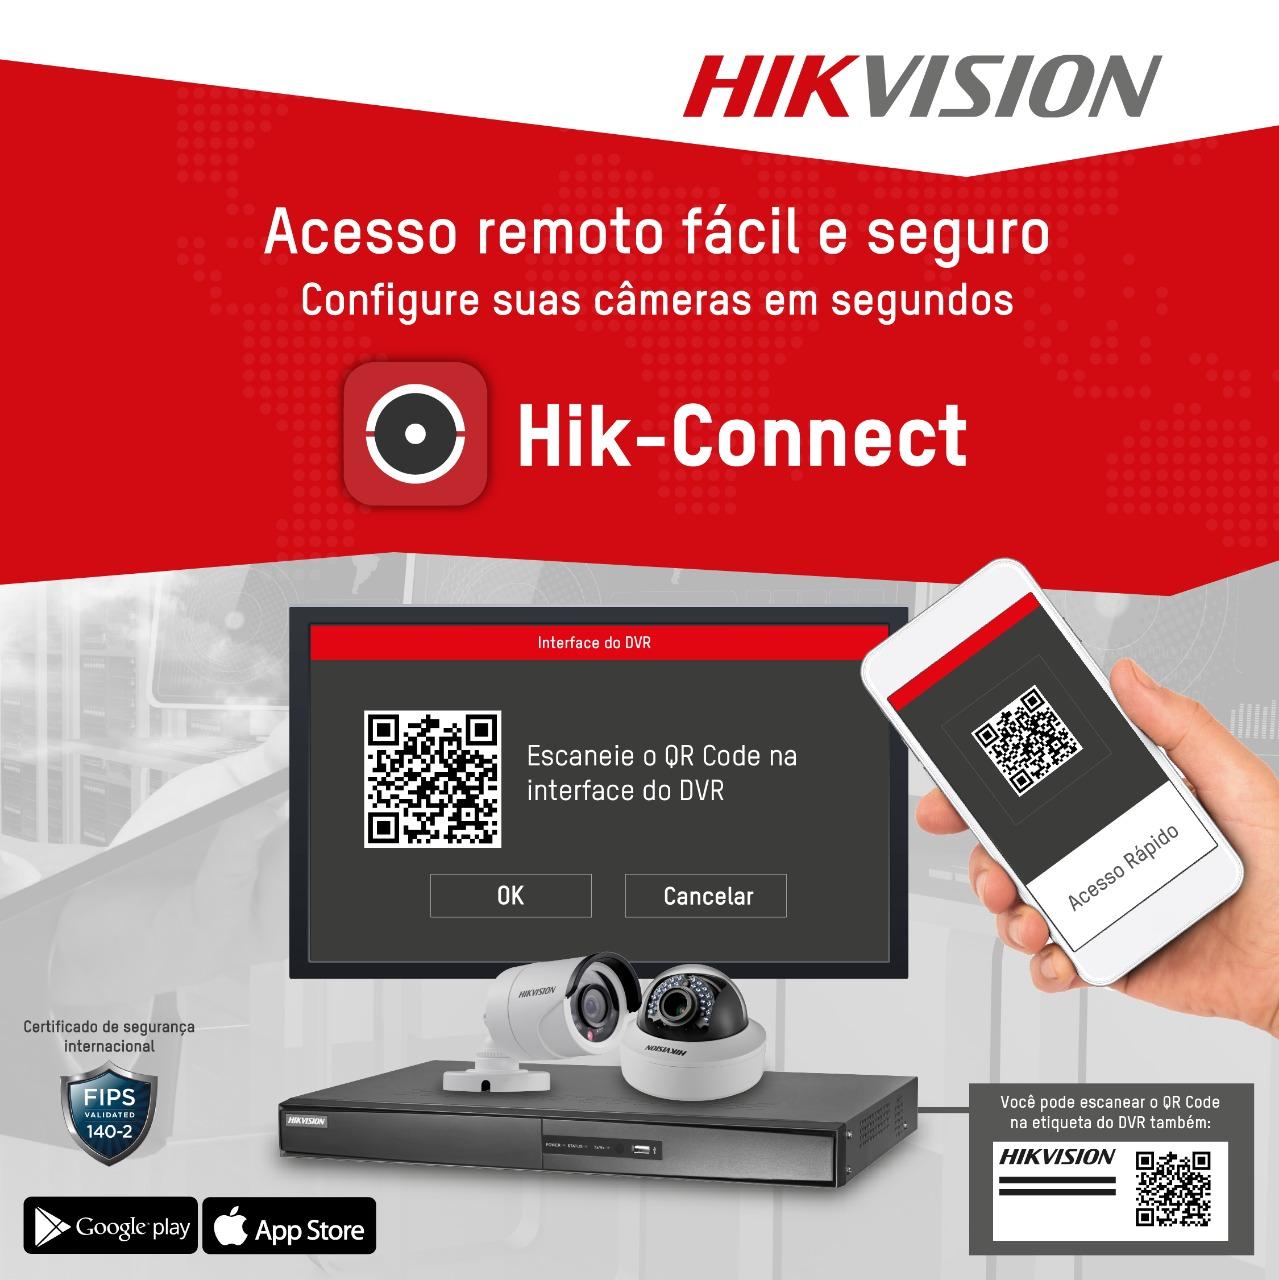 Tudo sobre acesso remoto e Hik-Connect (atualizado)